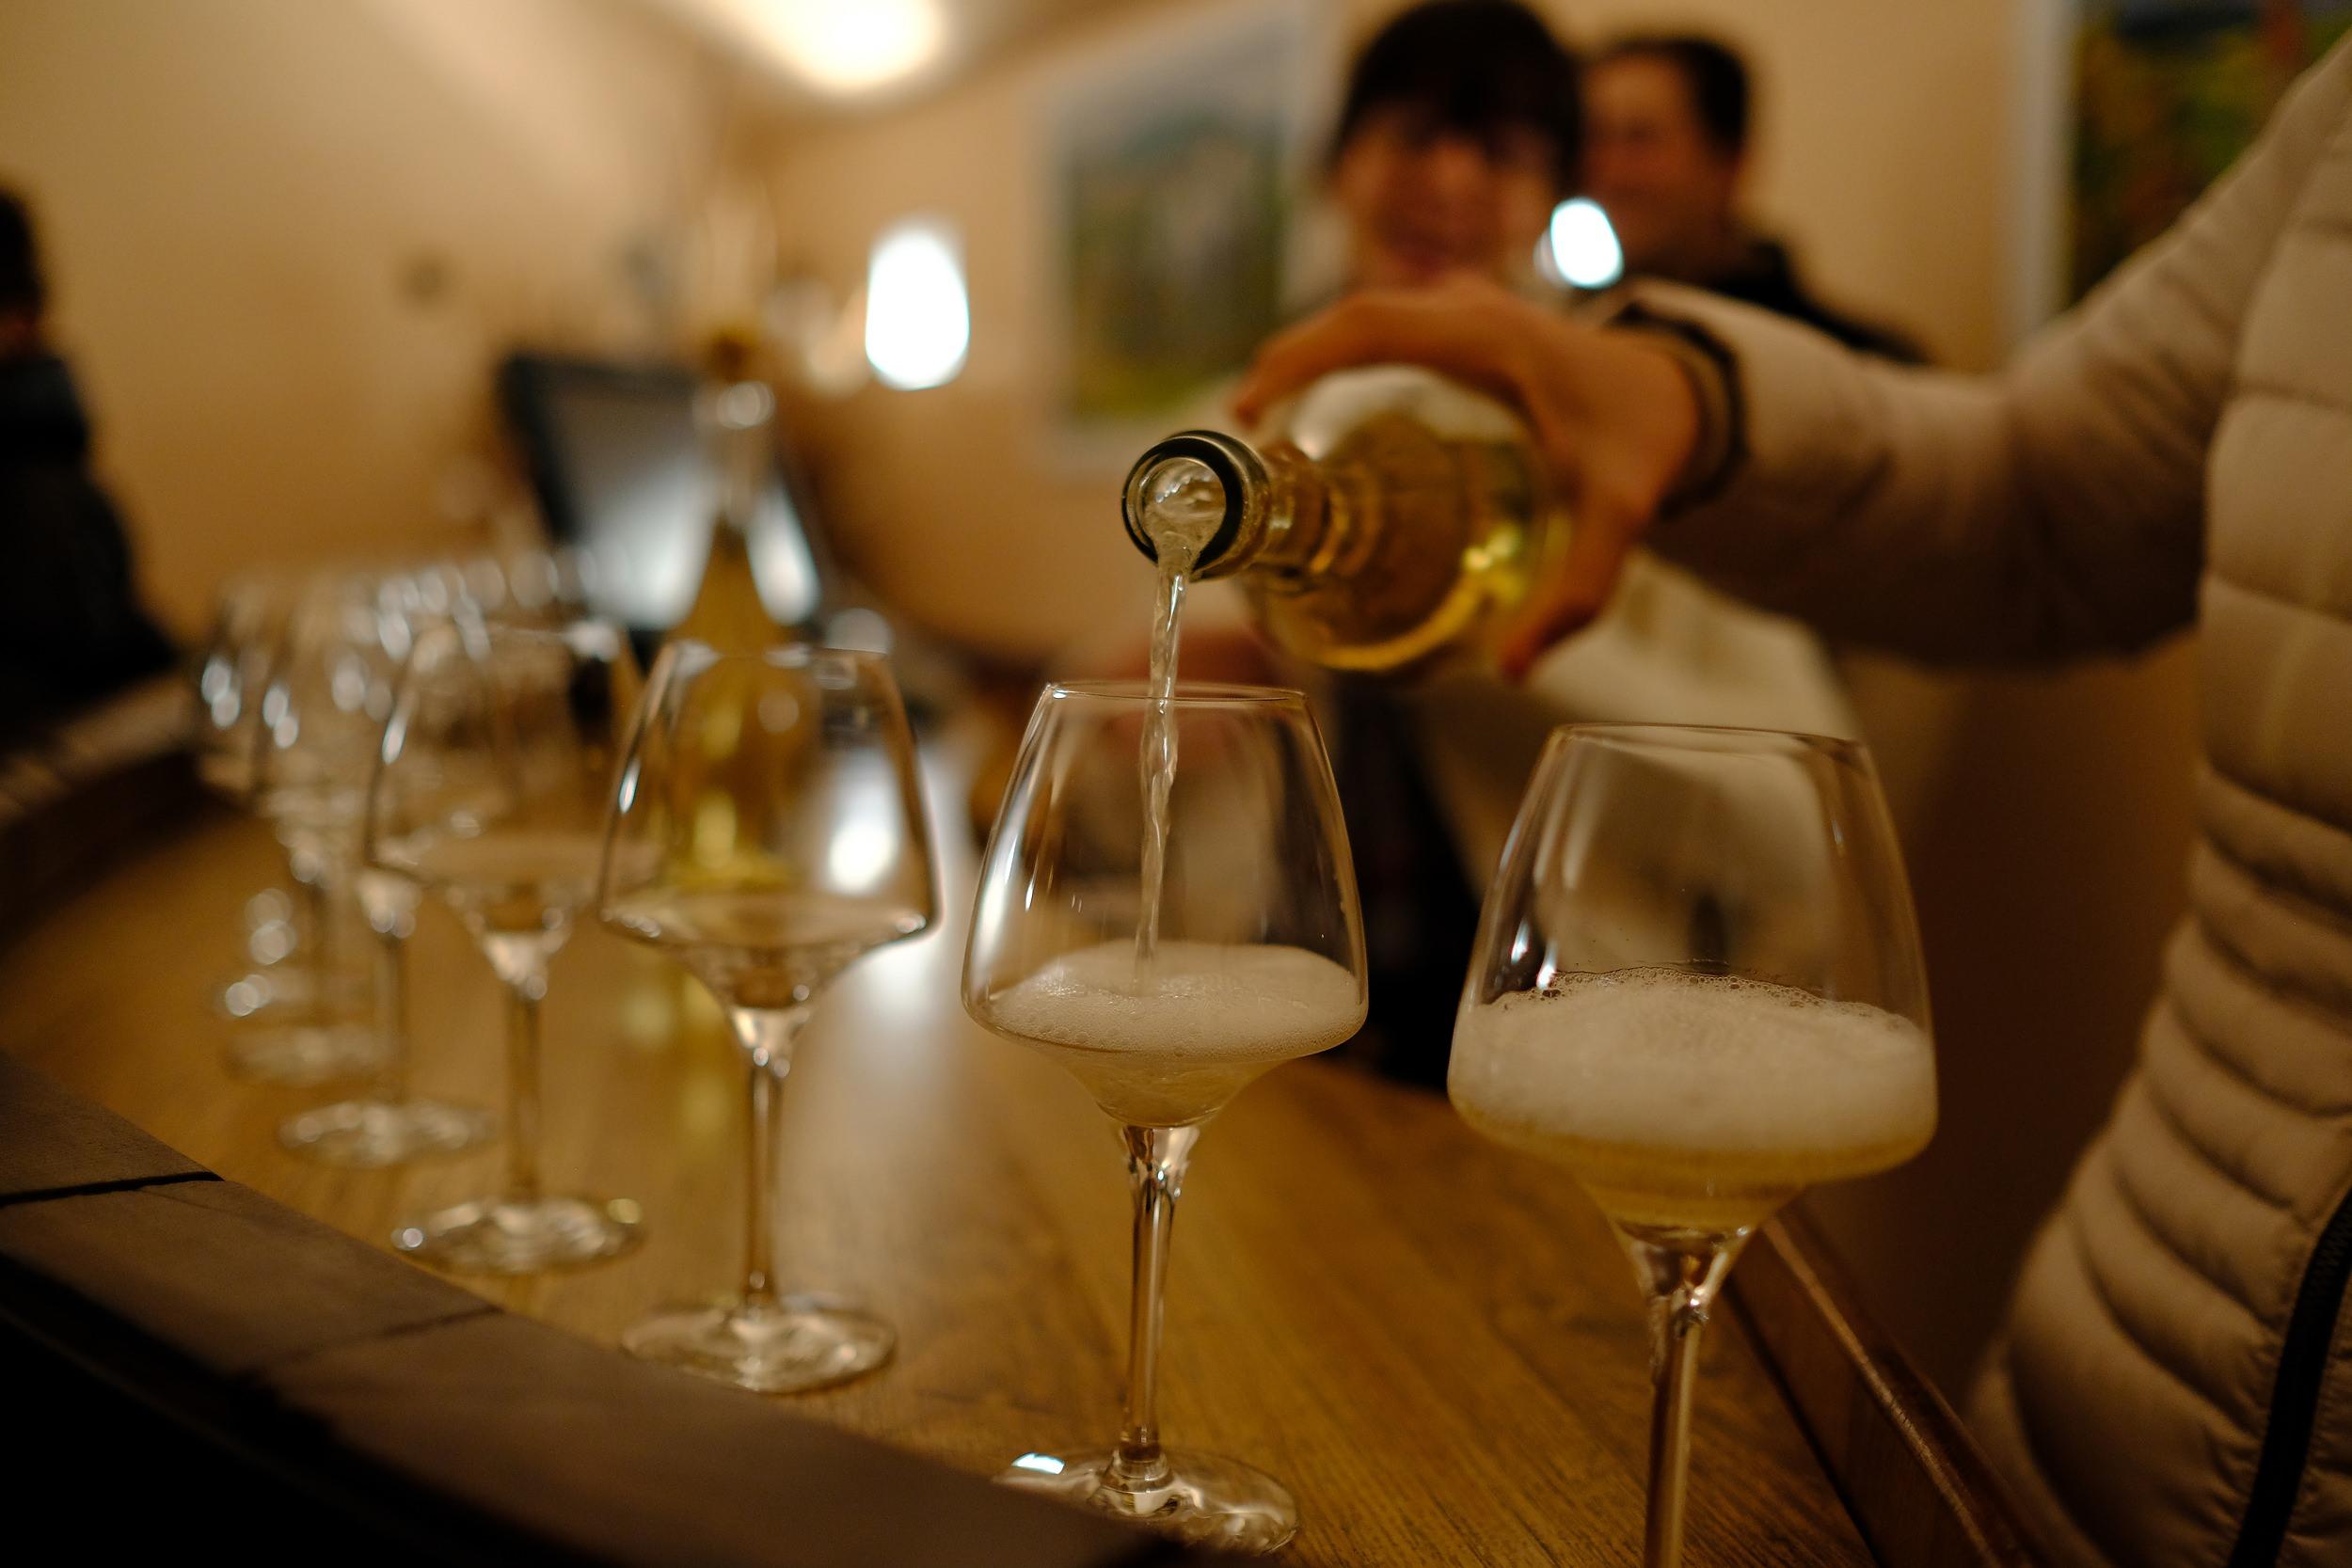 fotoreportage-wijn produceren-Vignoble des 2 lunes-Bosman Wijnkopers-447.jpg